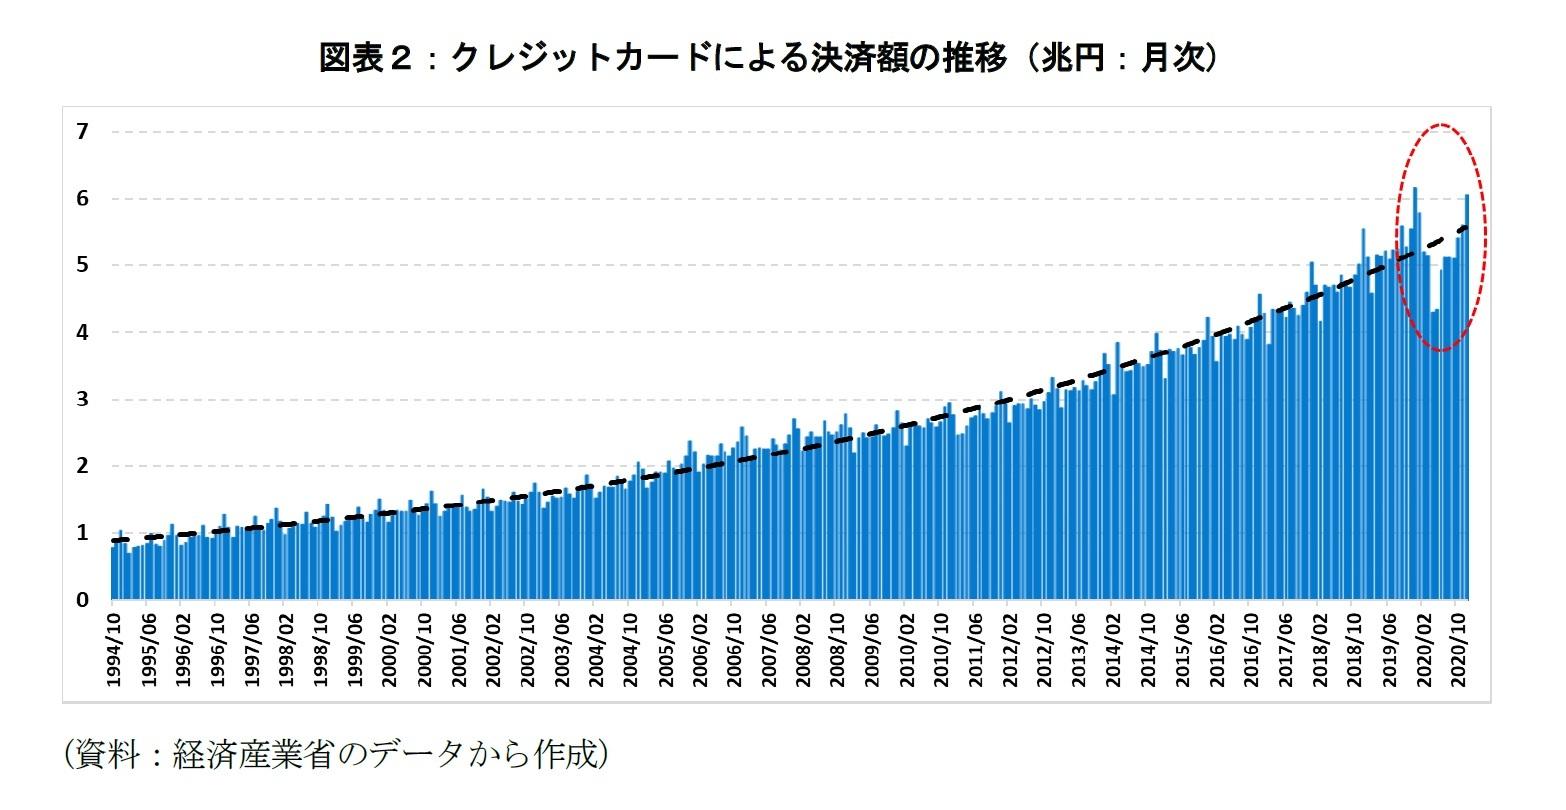 図表2:クレジットカードによる決済額の推移(兆円:月次)